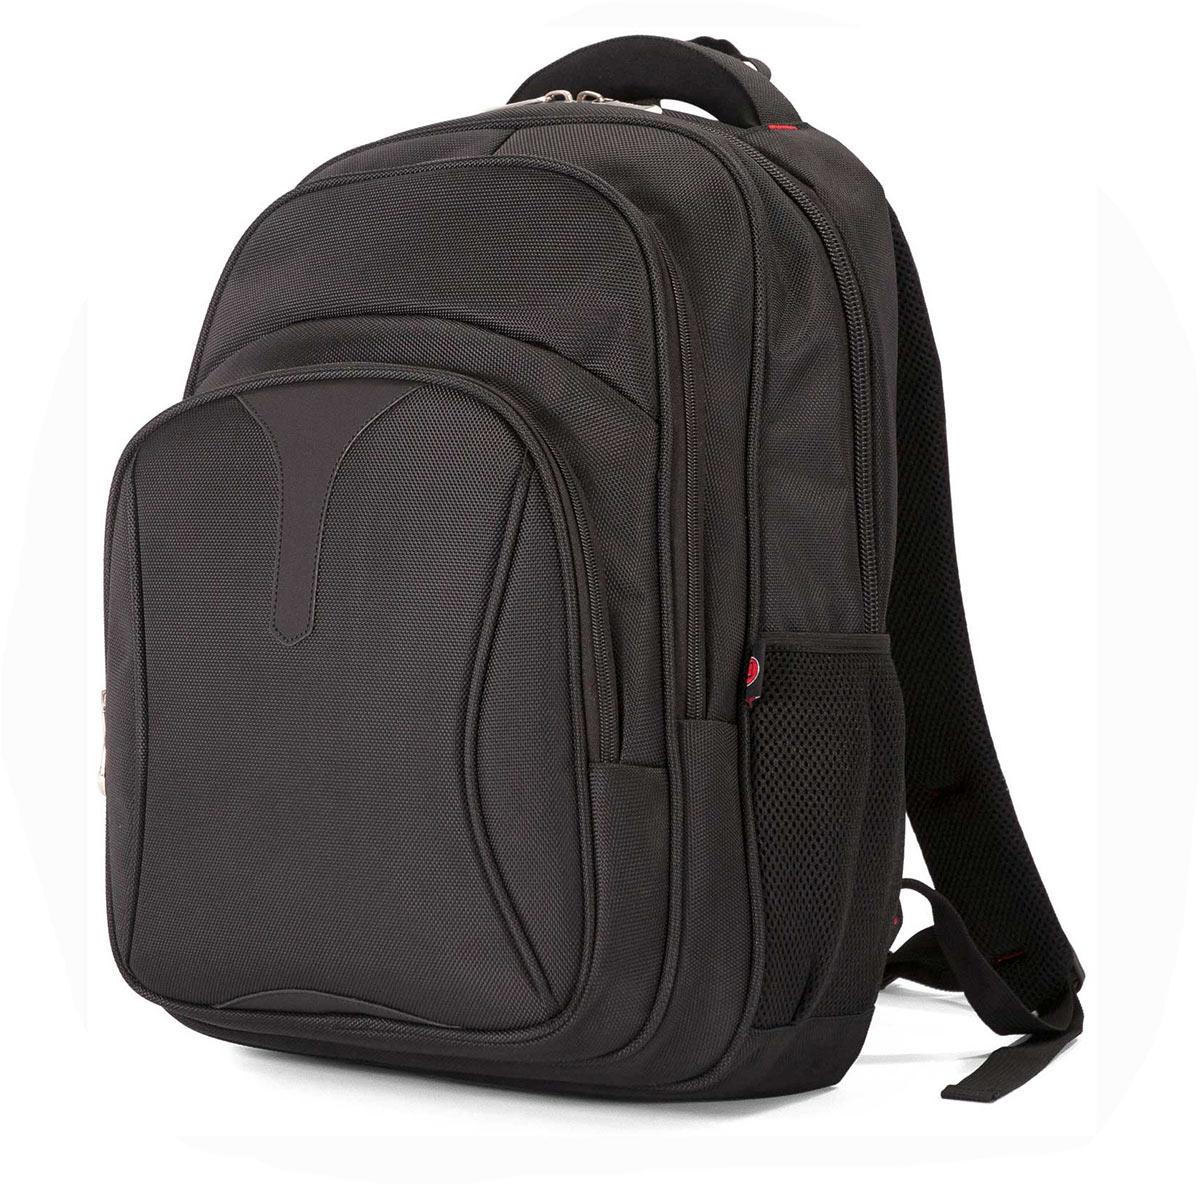 Σακίδιο Πλάτης Με Θήκη Laptop benzi 5066 Black - benzi - 5066-black ειδη οικ  χρησησ βαλίτσες   τσάντες ταξιδίου